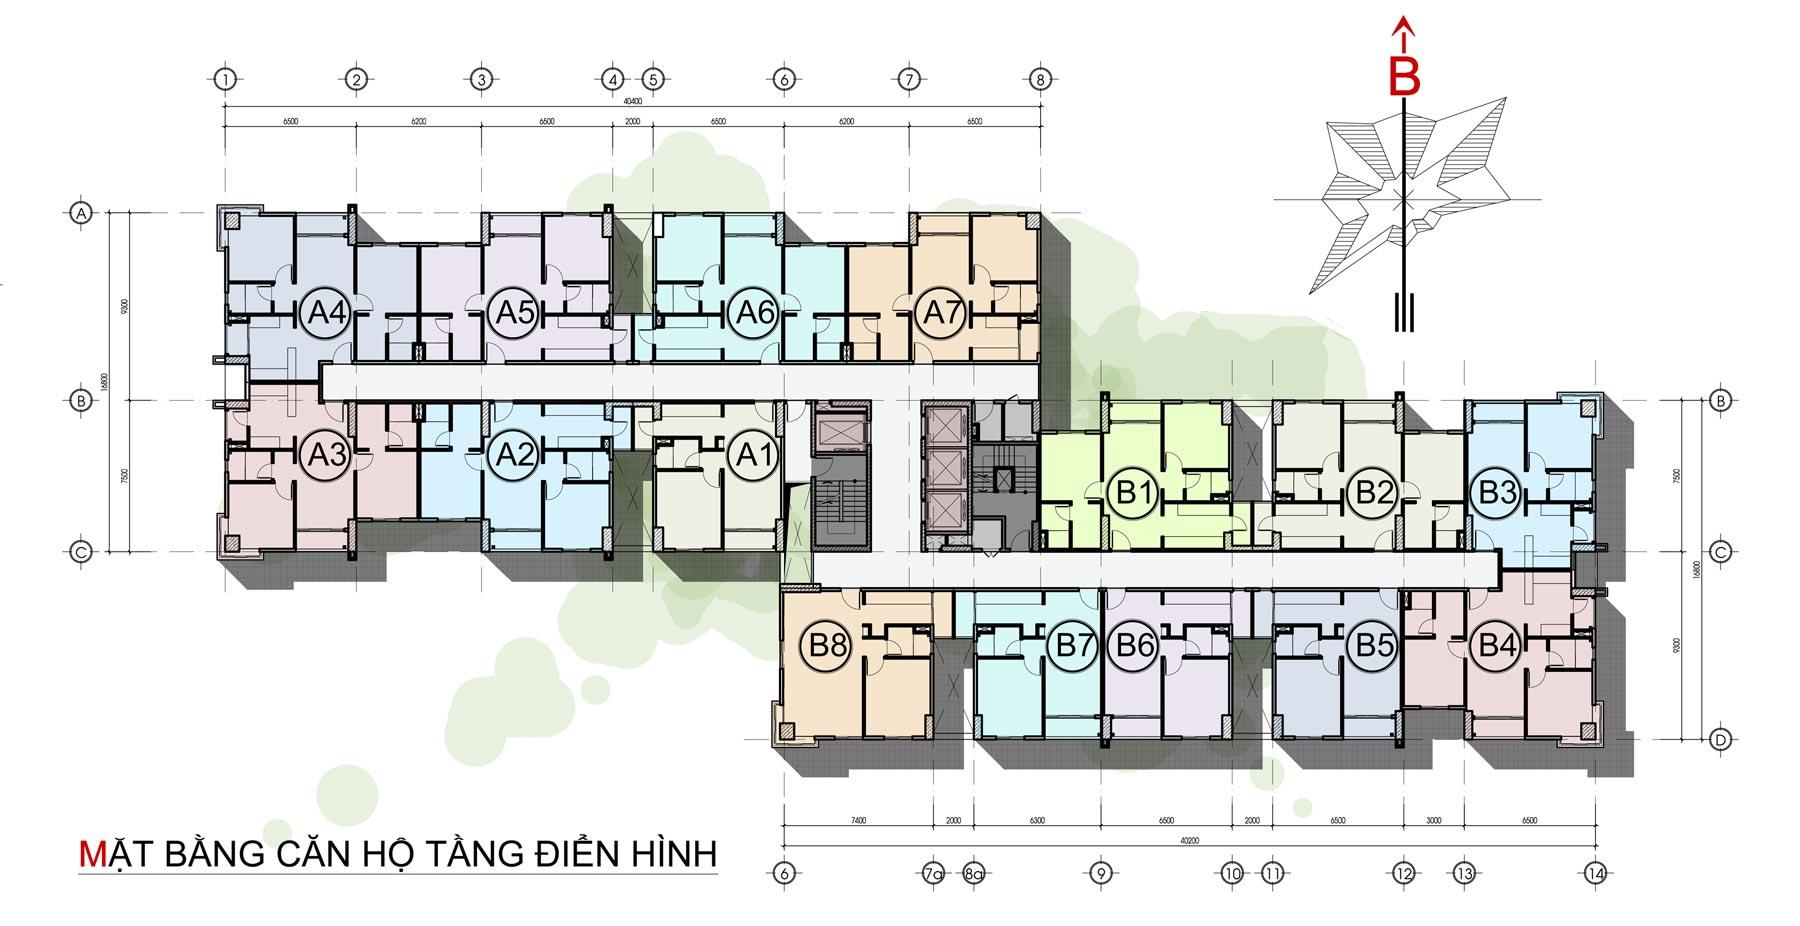 mặt bằng thiết kế căn hộ the avila 2